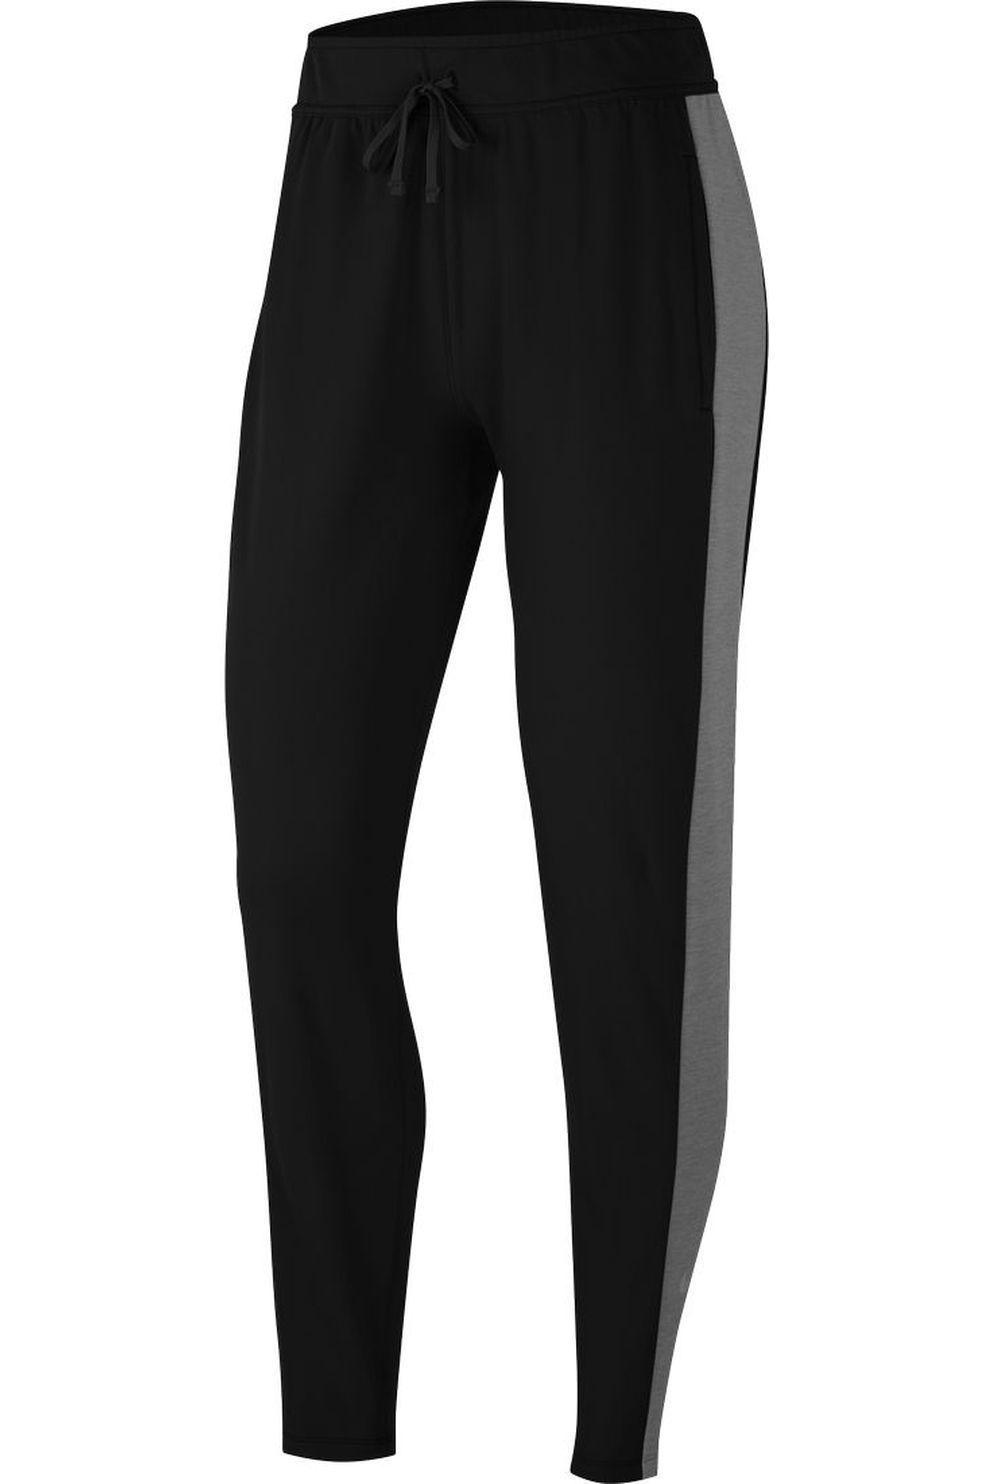 Nike Legging W Essential Warm Runway voor dames - Zwart - Maten: XS, S, M, L - Nieuwe collectie